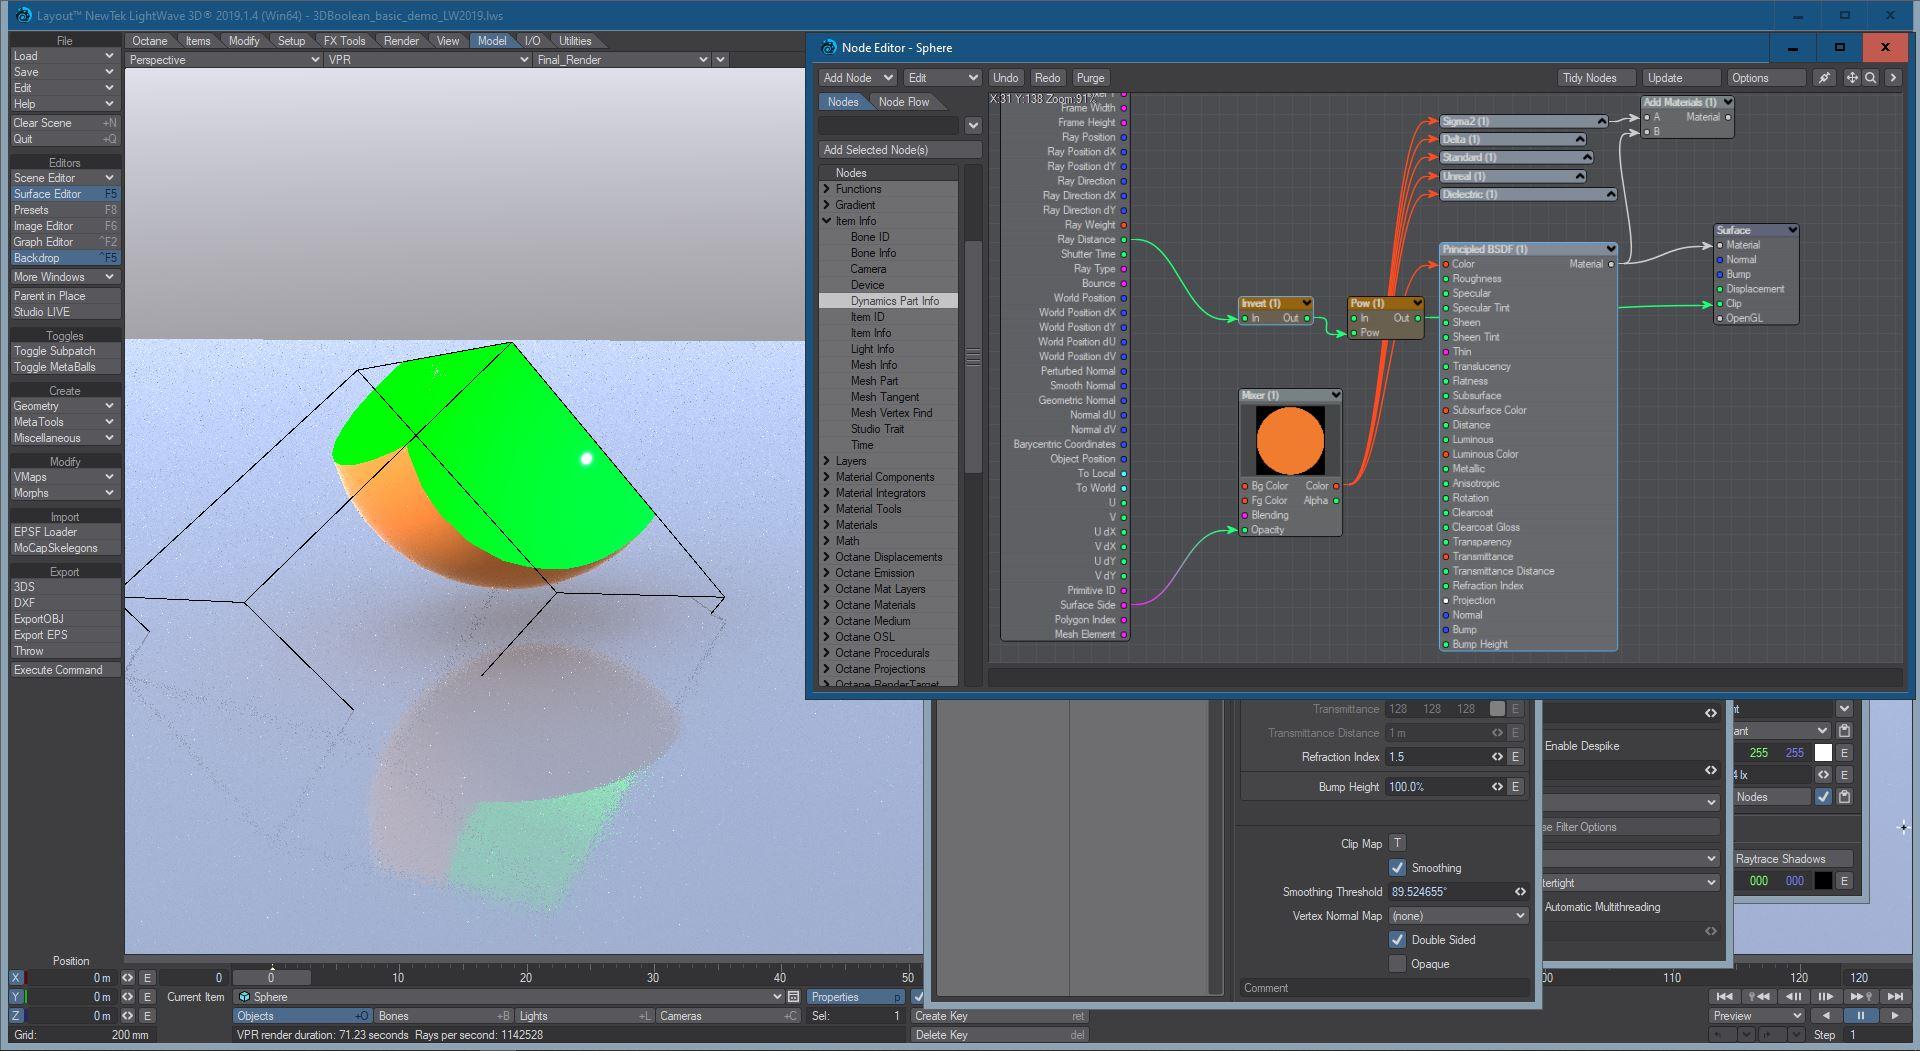 Nome: 2020-02-14 14_24_37-Layout™ NewTek LightWave 3D® 2019.1.4 (Win64) - 3DBoolean_basic_demo_LW2019..jpg Visite: 155 Dimensione: 262.1 KB